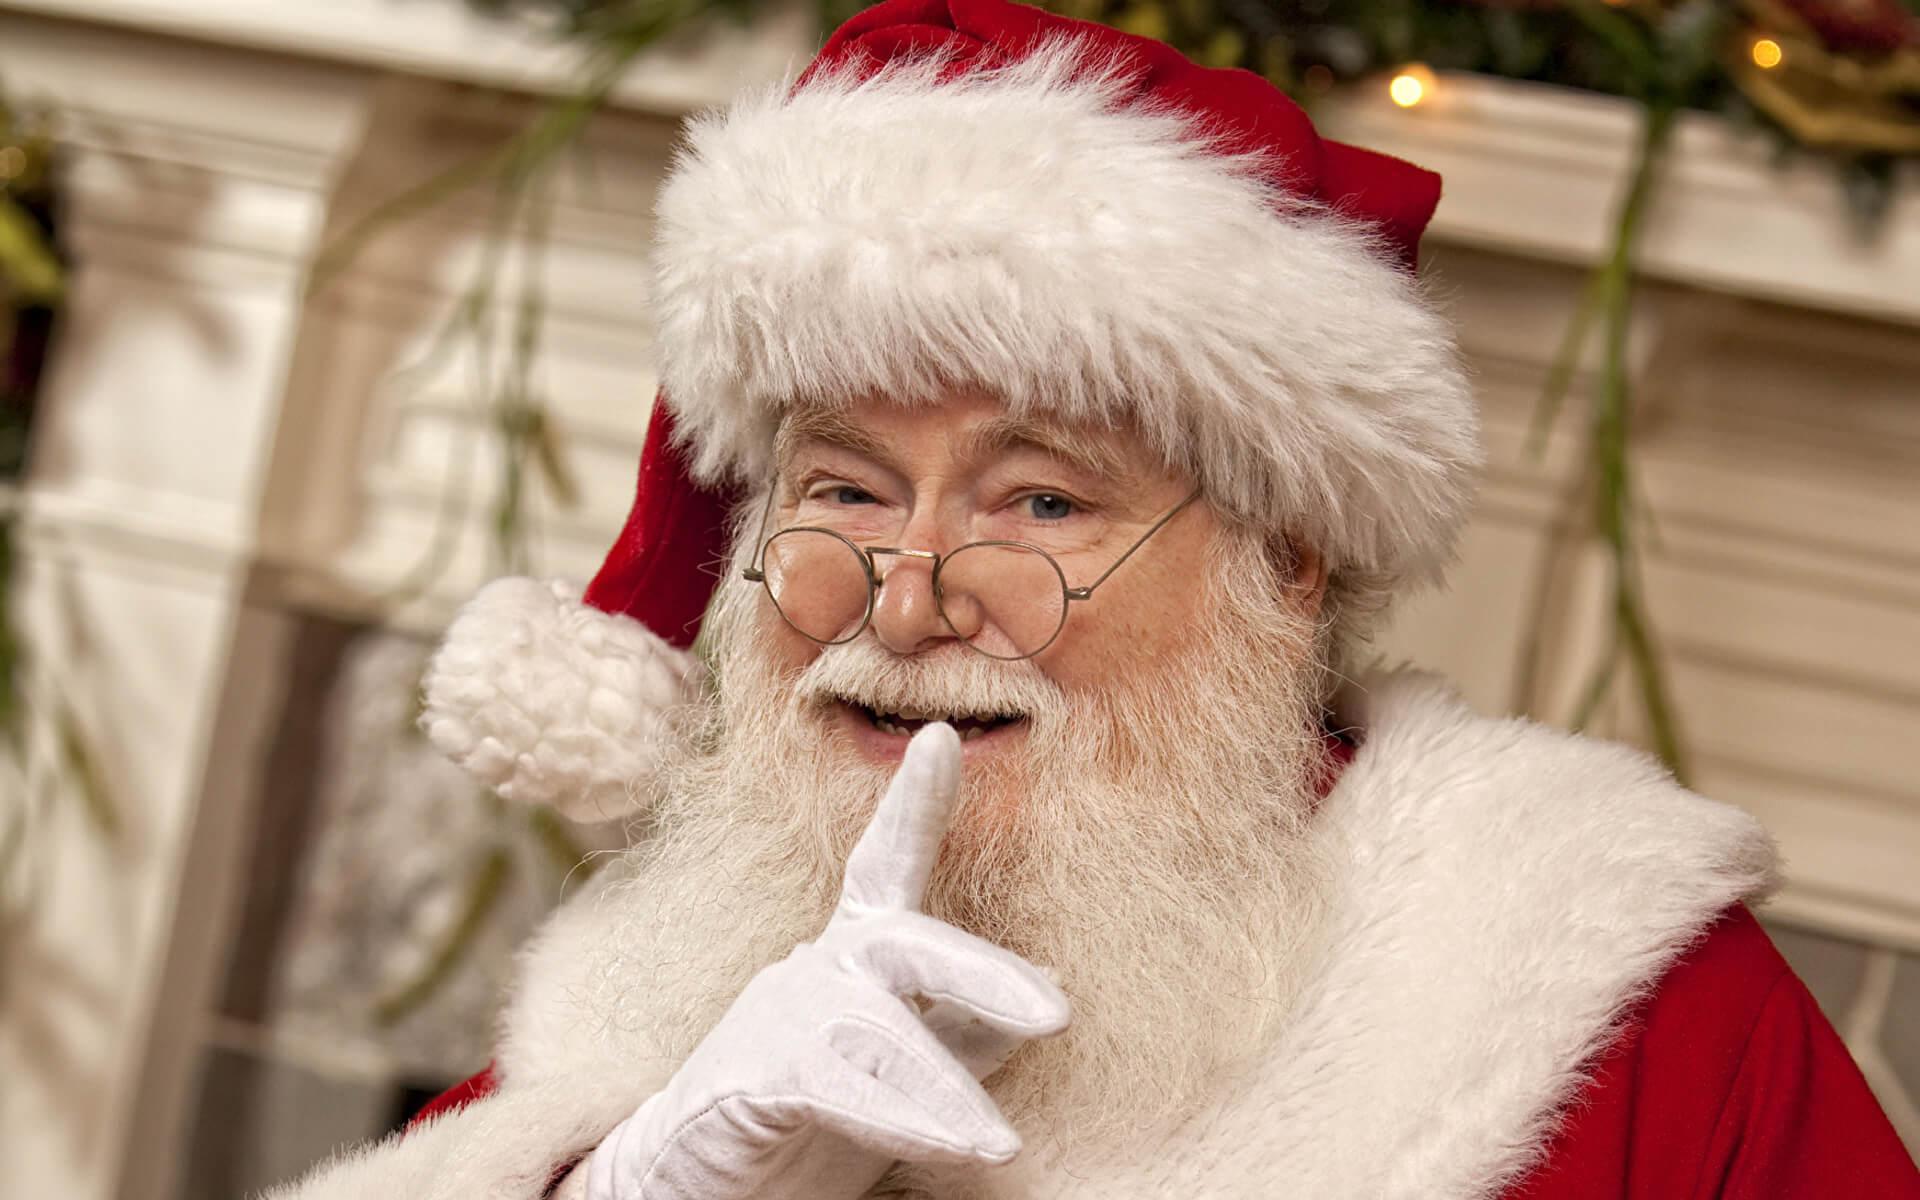 Картинки веселых и смешных Дедов Морозов 2